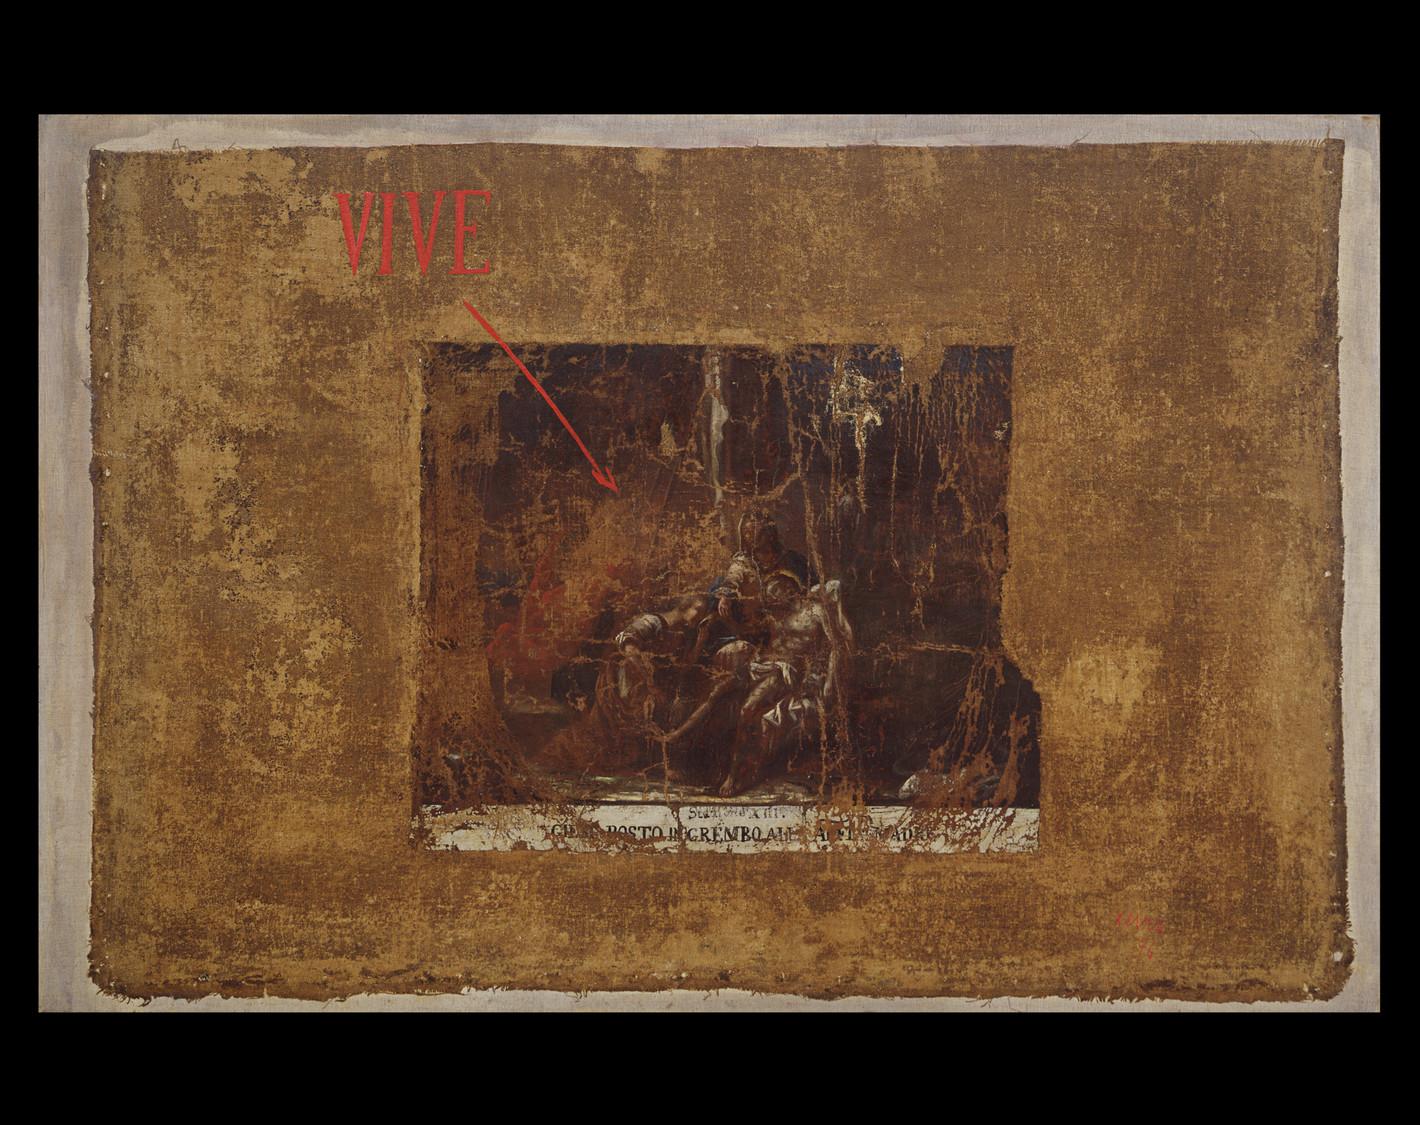 VIVE - 1976